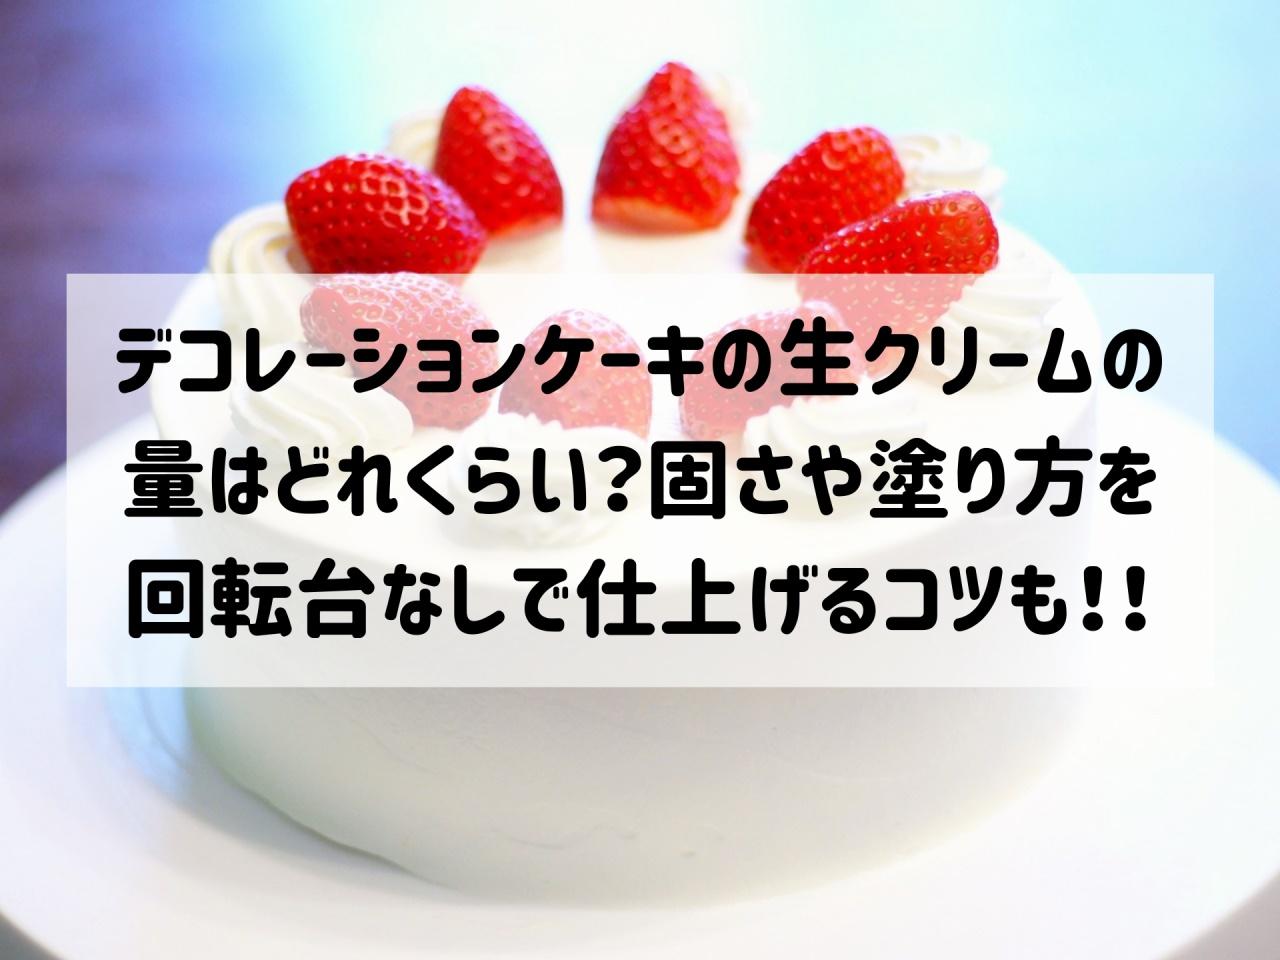 デコレーションケーキ 生クリーム